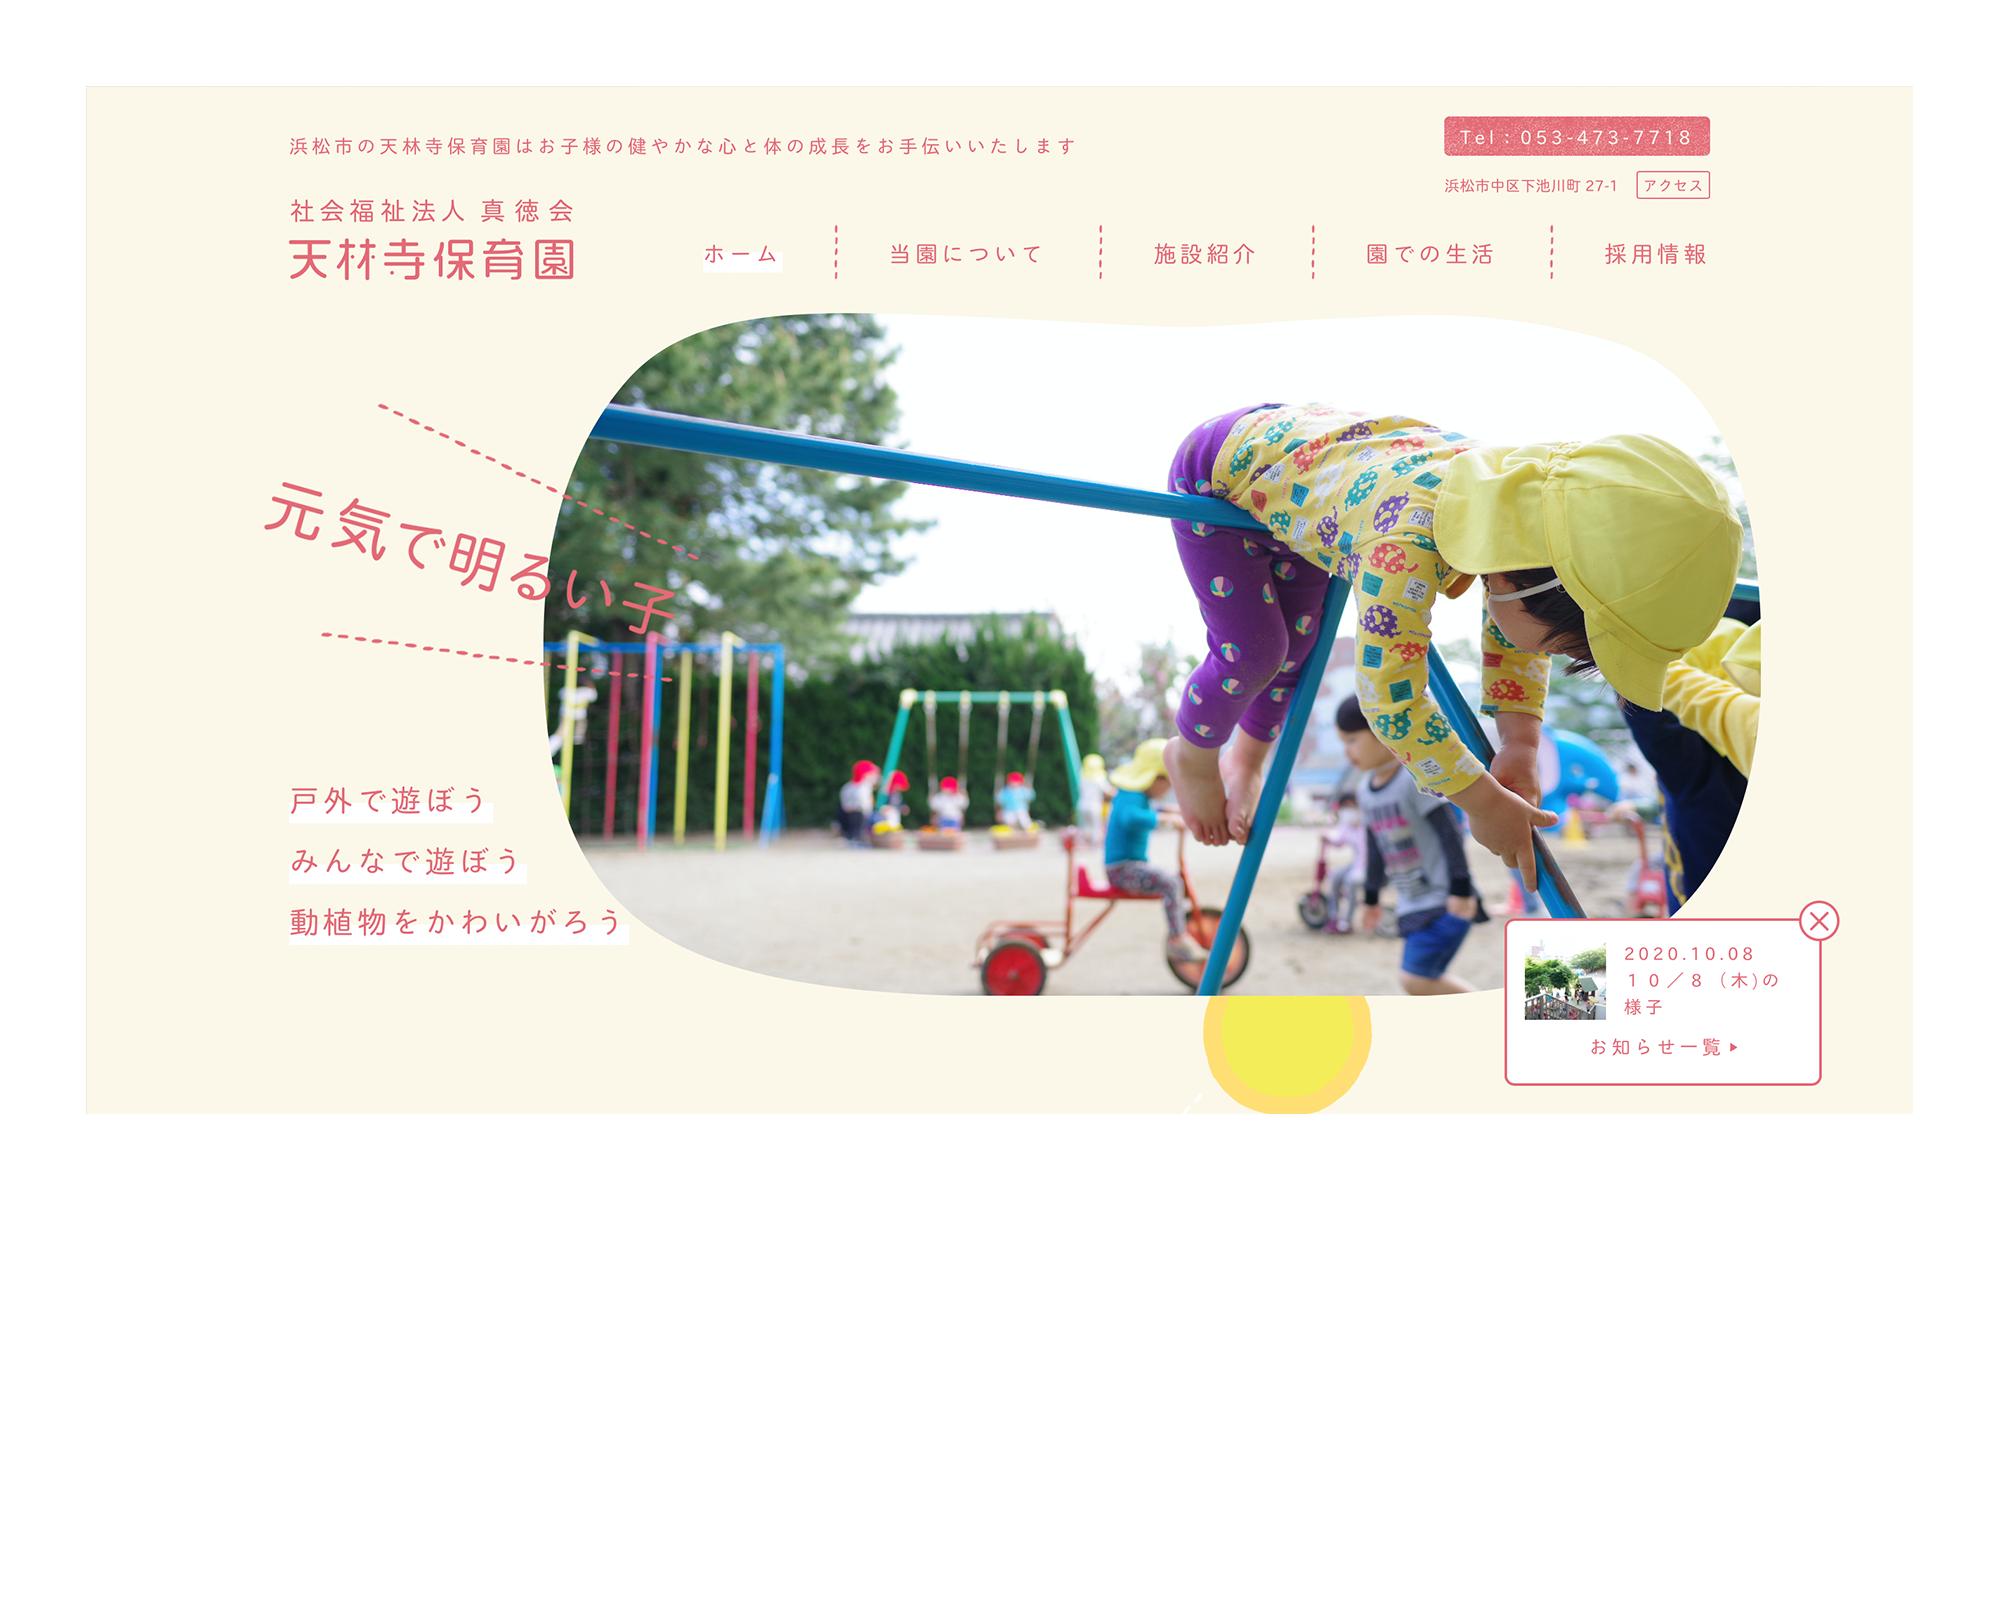 天林寺保育園-PC表示